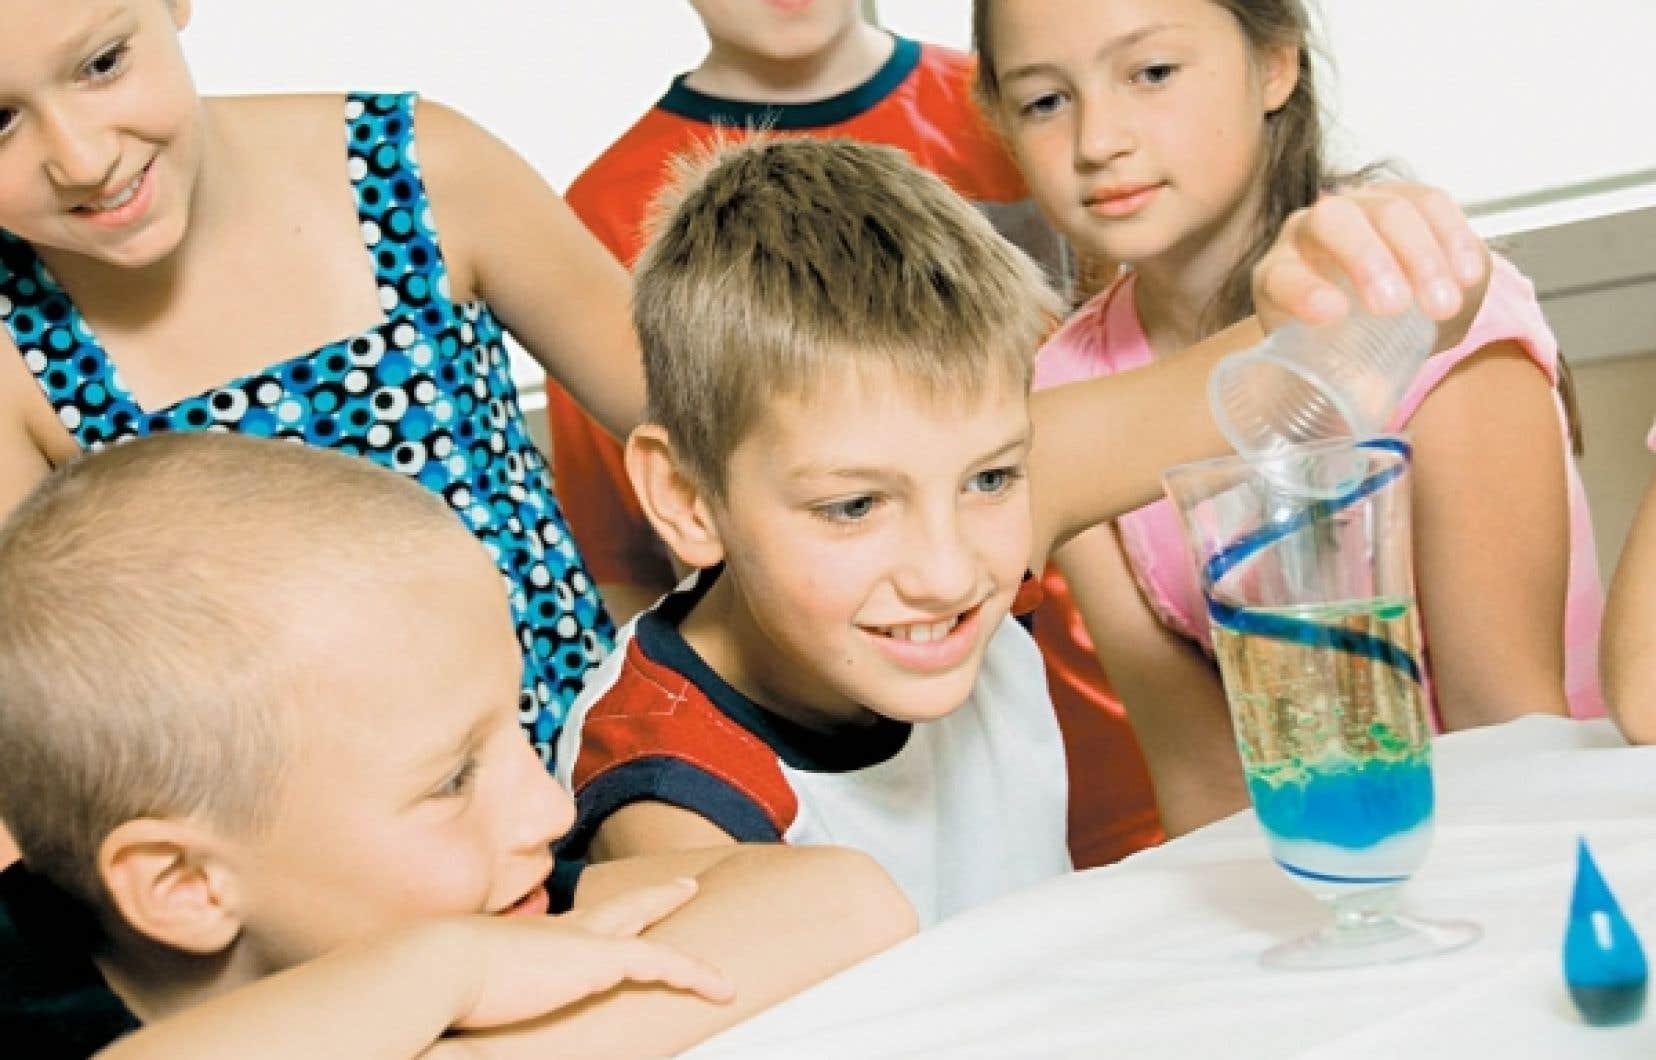 Les enfants qui participent aux rencontres du Club des D&eacute;brouillards ont la possibilit&eacute; d&rsquo;apprendre de nombreux principes scientifiques tout en s&rsquo;amusant.<br />